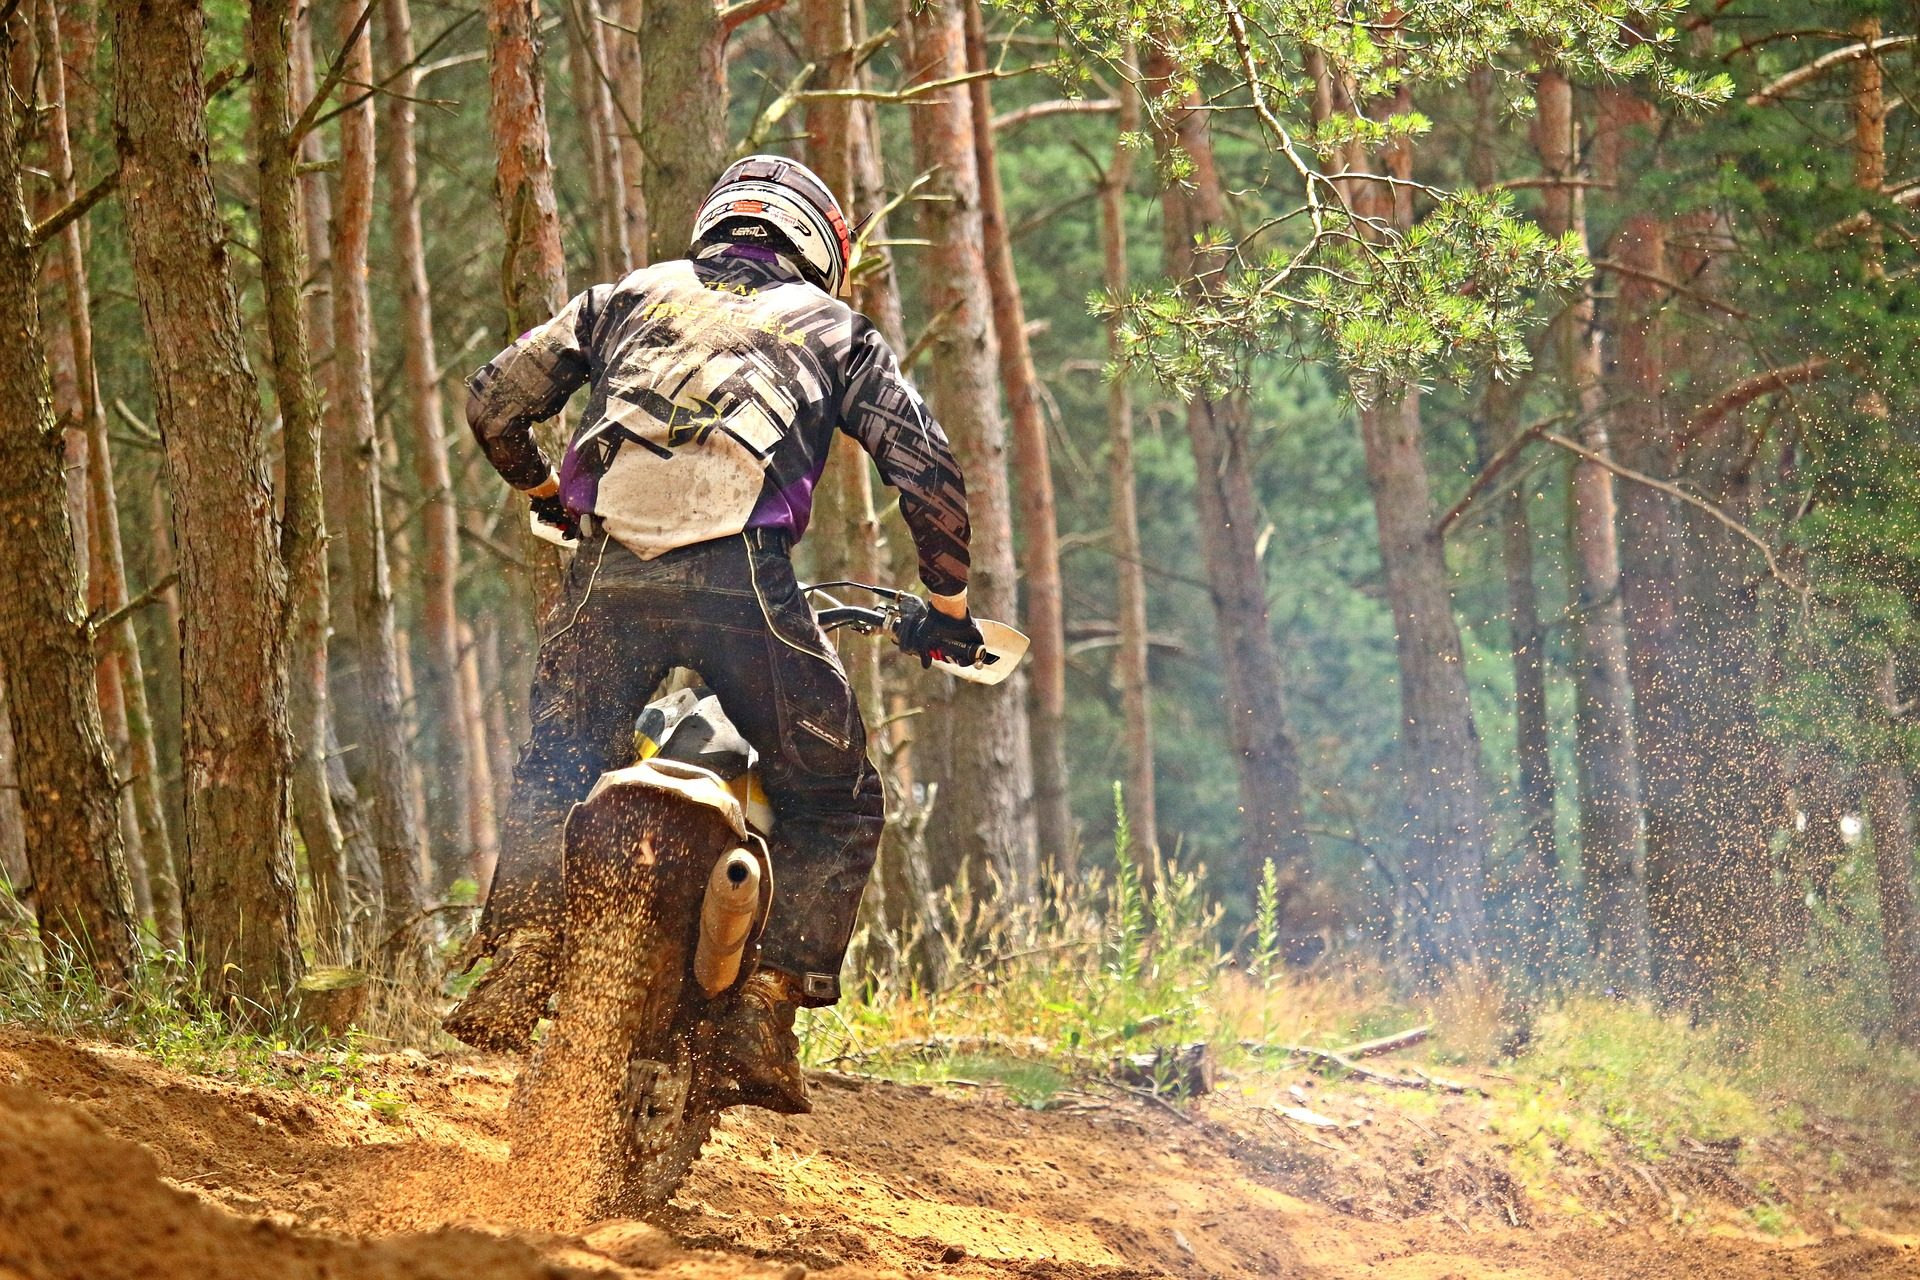 μοτοσικλέτα, πρόγραμμα οδήγησης, Μοτοκρός, λάσπη, δάσος, παρακολουθείτε, ταχύτητα, κινδύνου - Wallpapers HD - Professor-falken.com